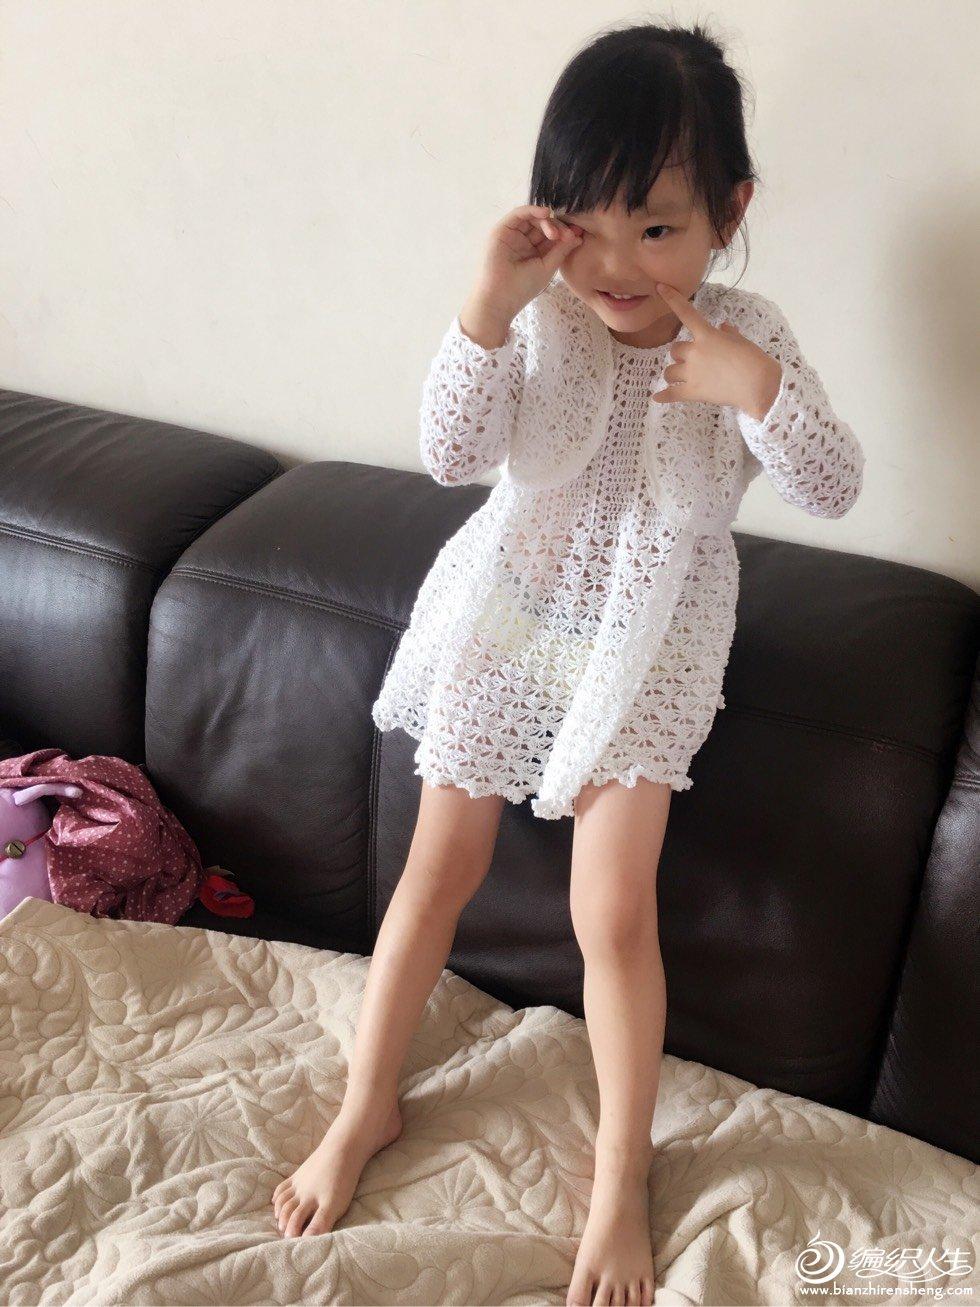 Patron Vestido y Chaqueta para niña de Crochet – Comando Craft a3e51828a15